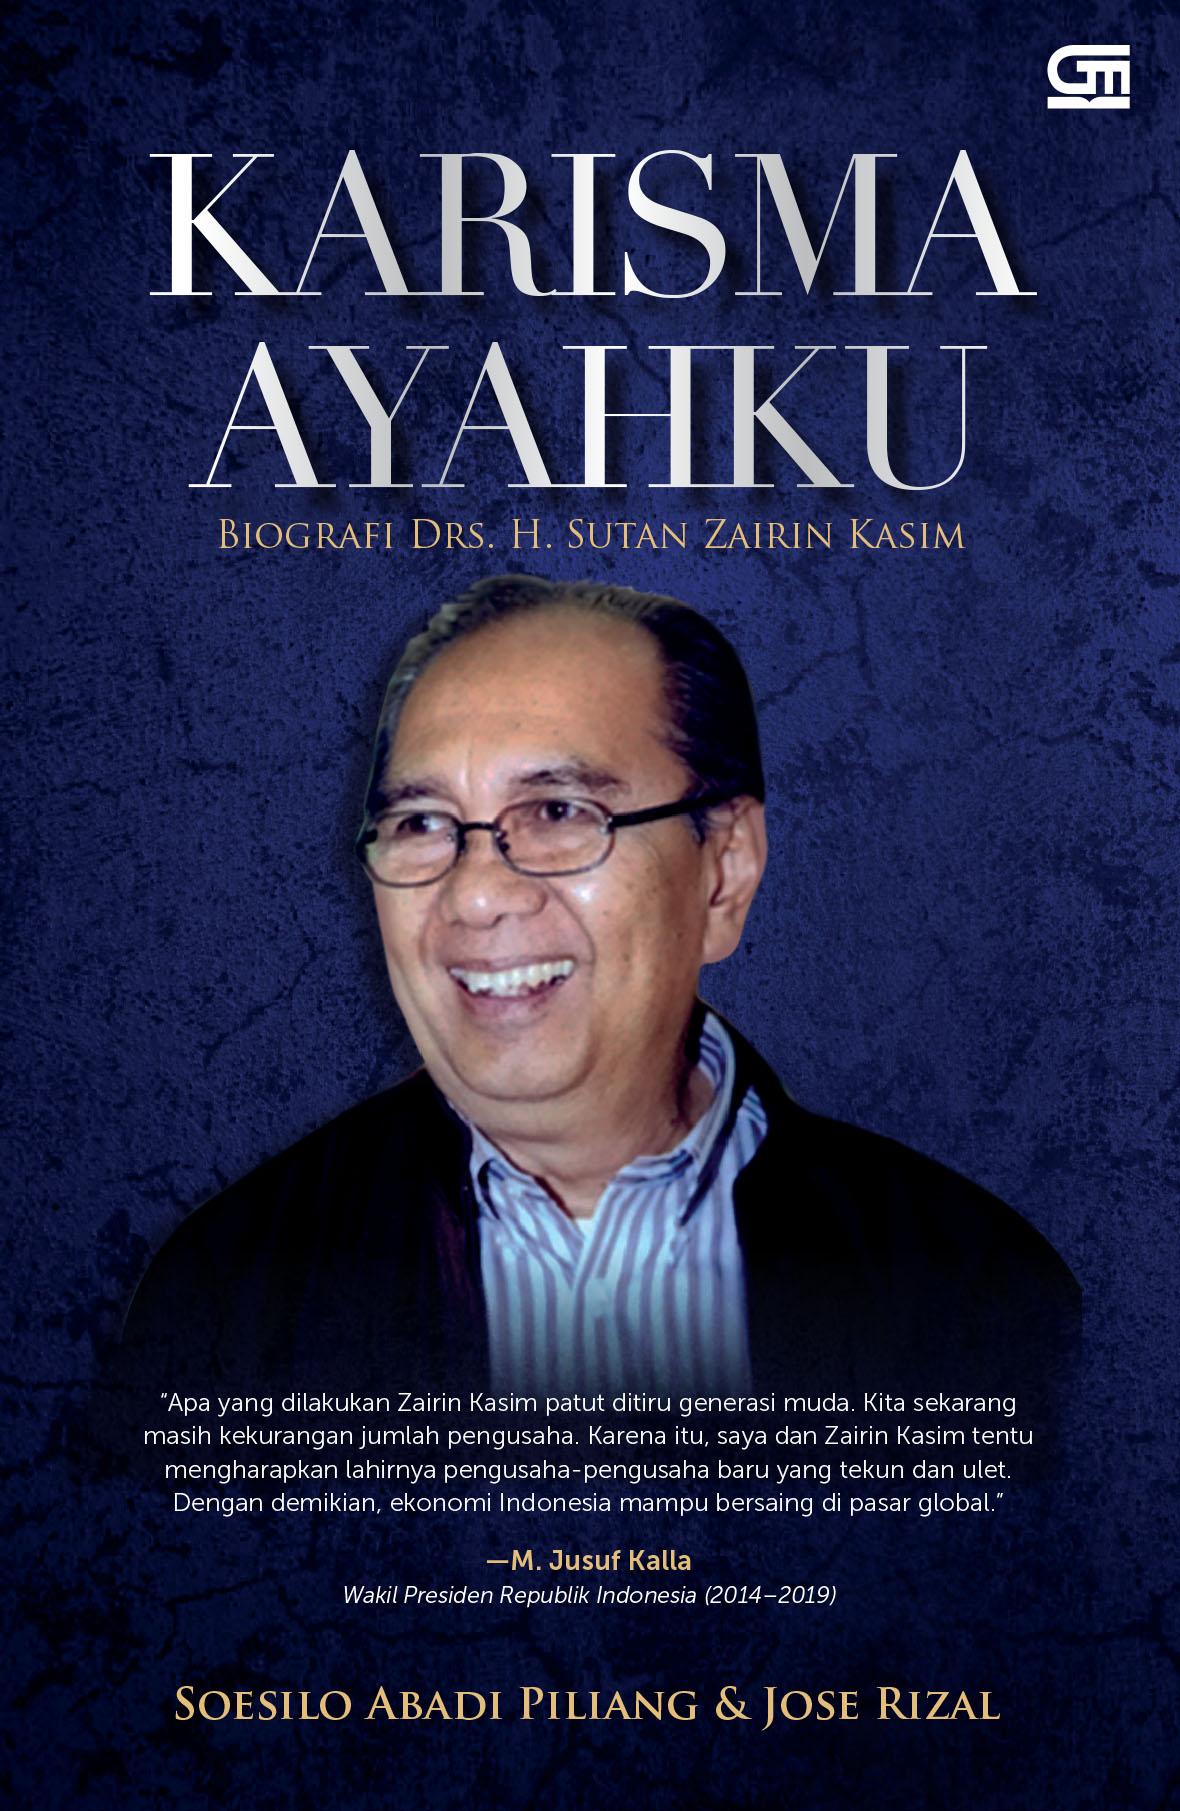 Karisma Ayahku: Biografi Drs. H. Sutan Zairin Kasim